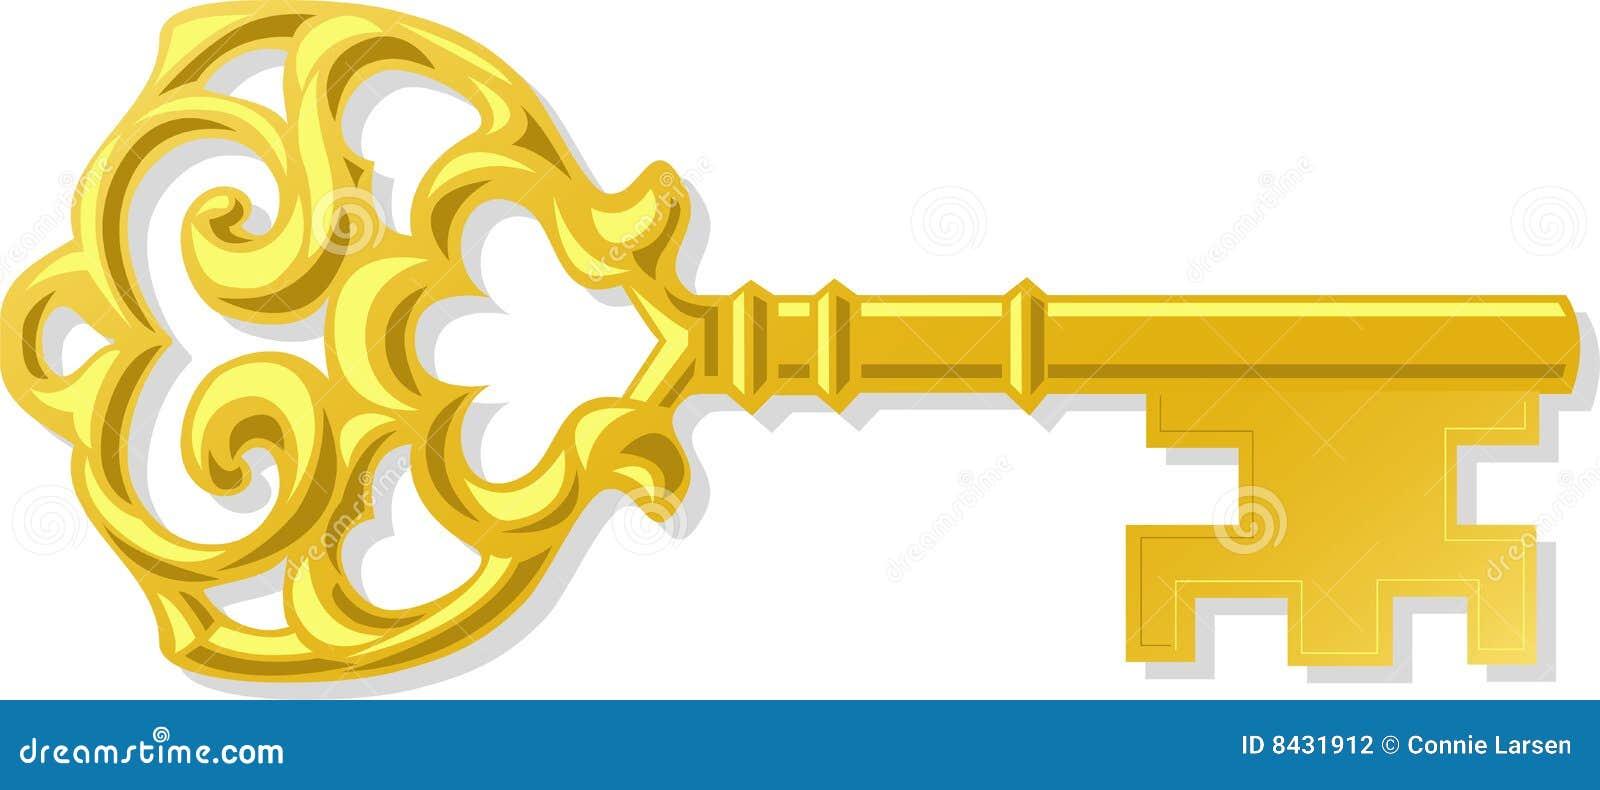 Ornate Antique Gold Key Eps Stock Photography Image 8431912